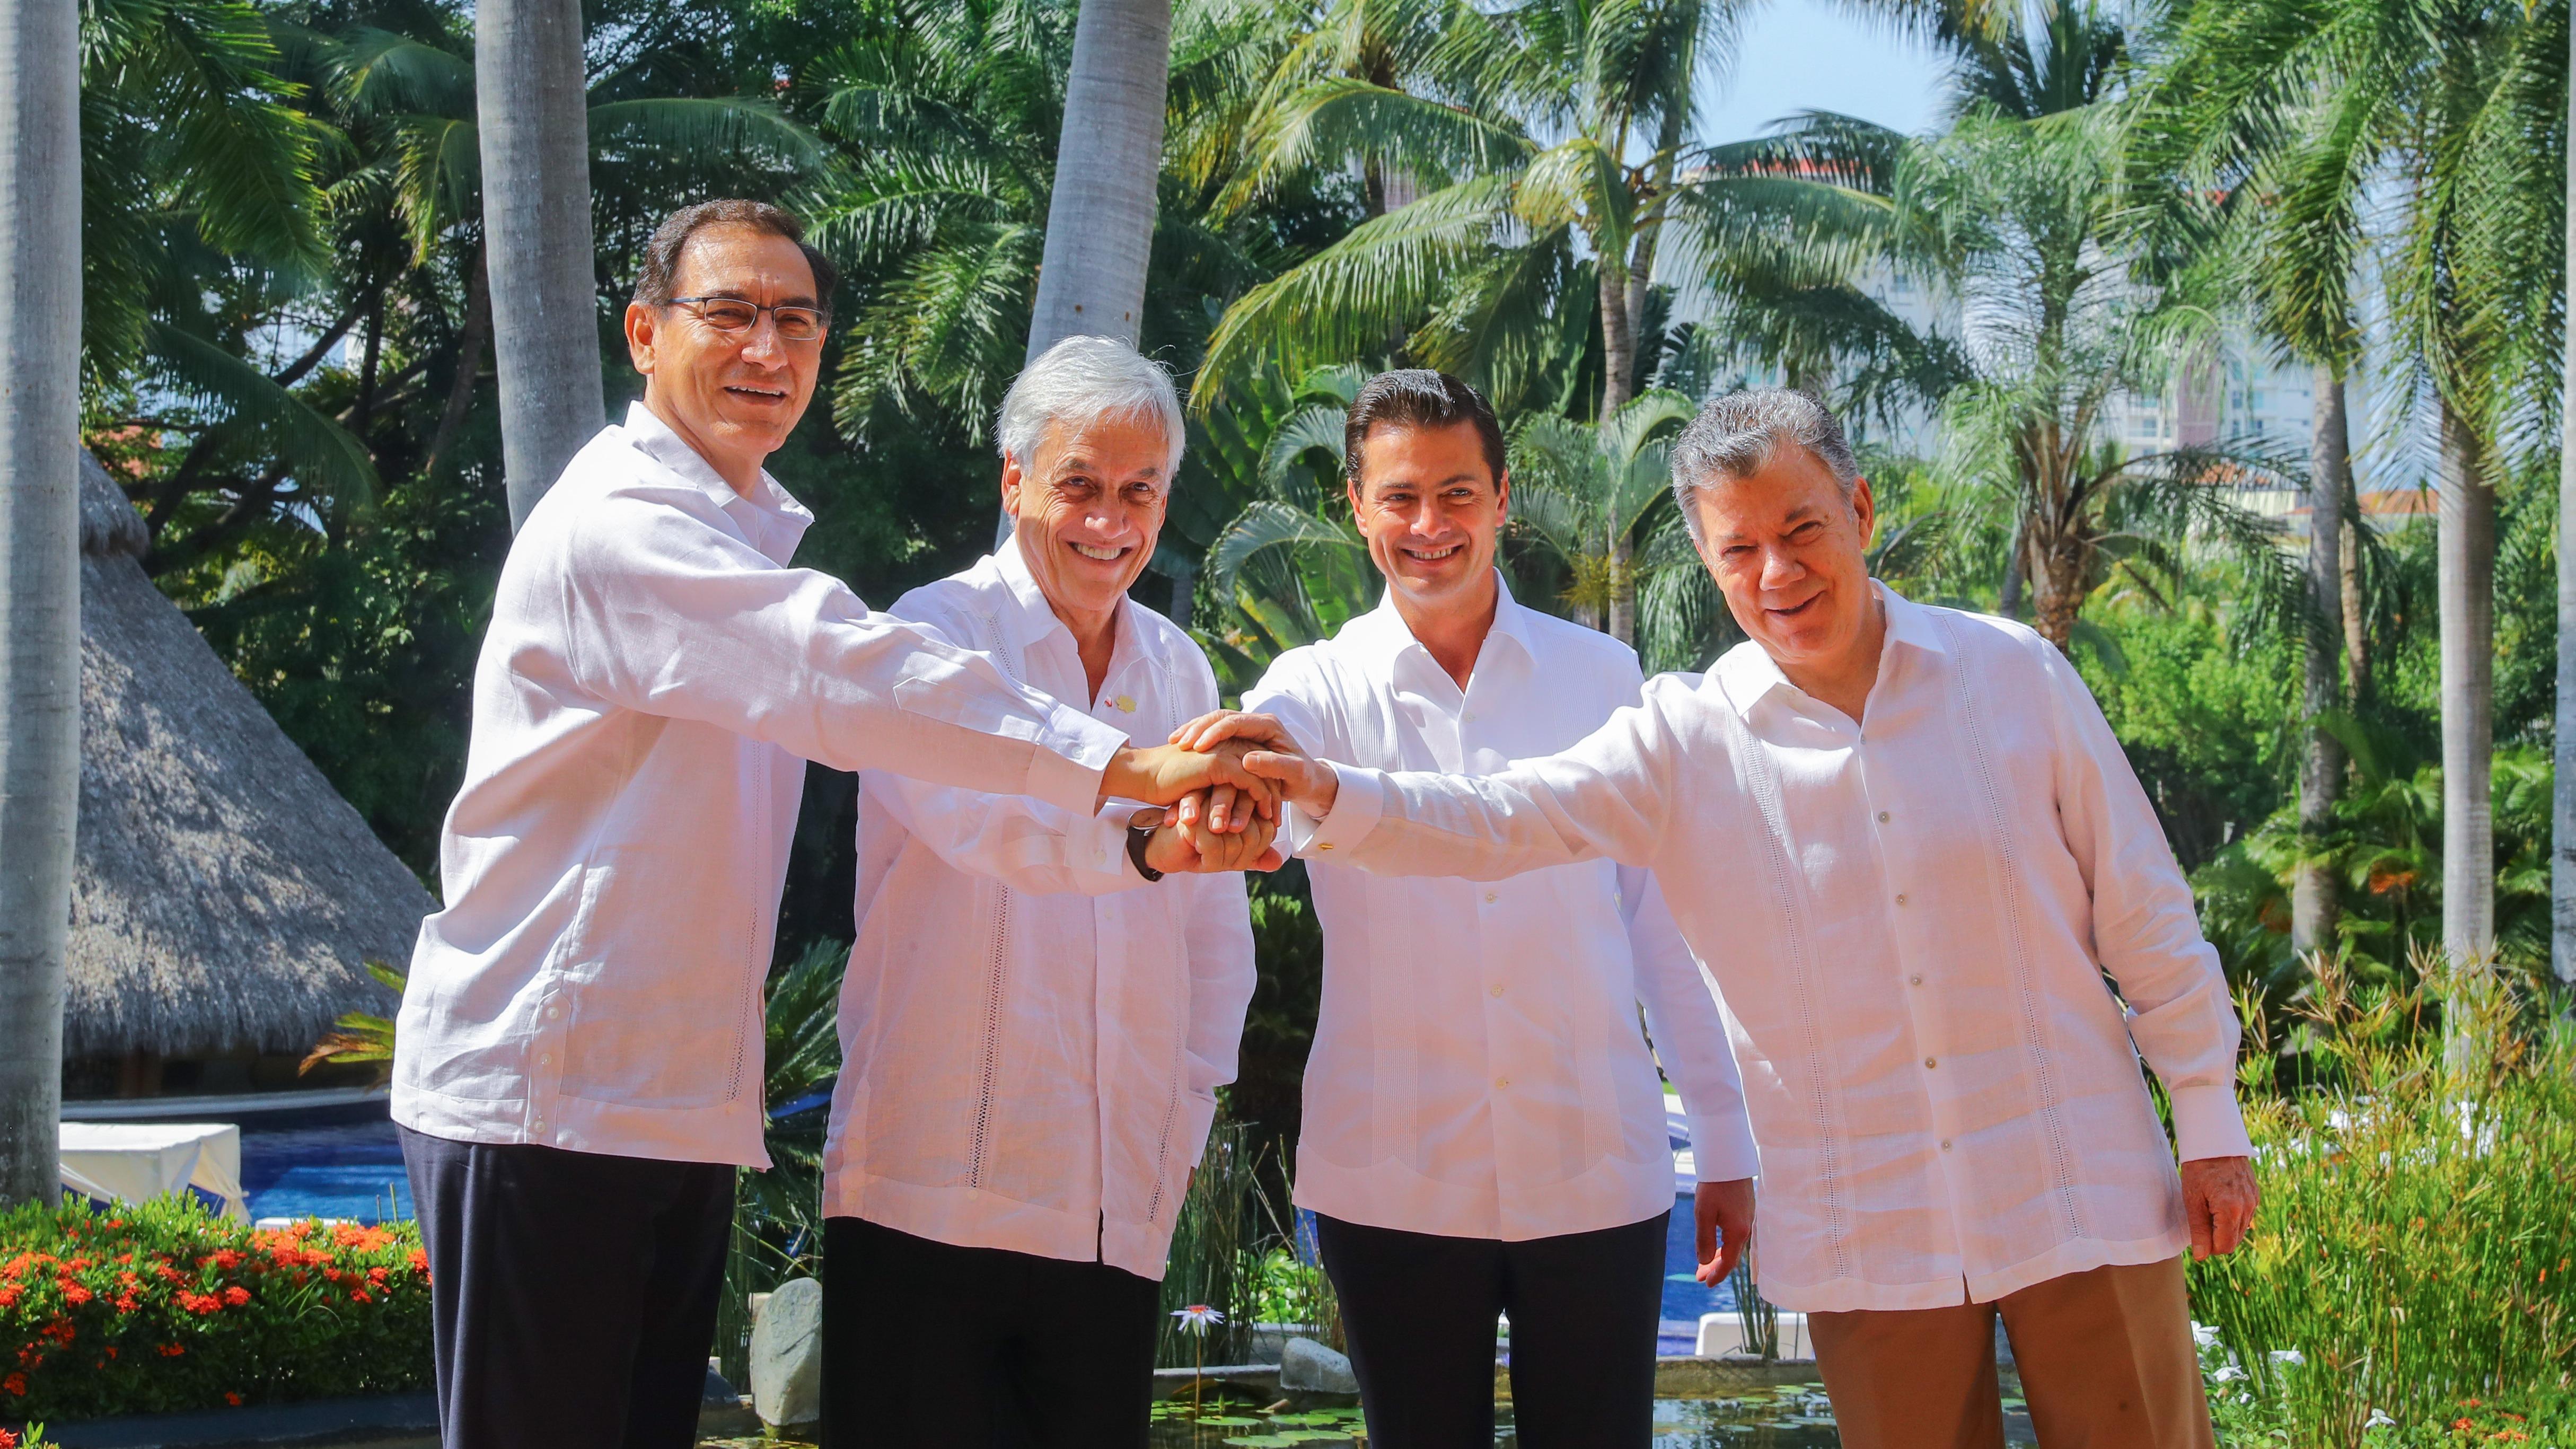 La Alianza del Pacífico fue creada por iniciativa del Estado peruano.